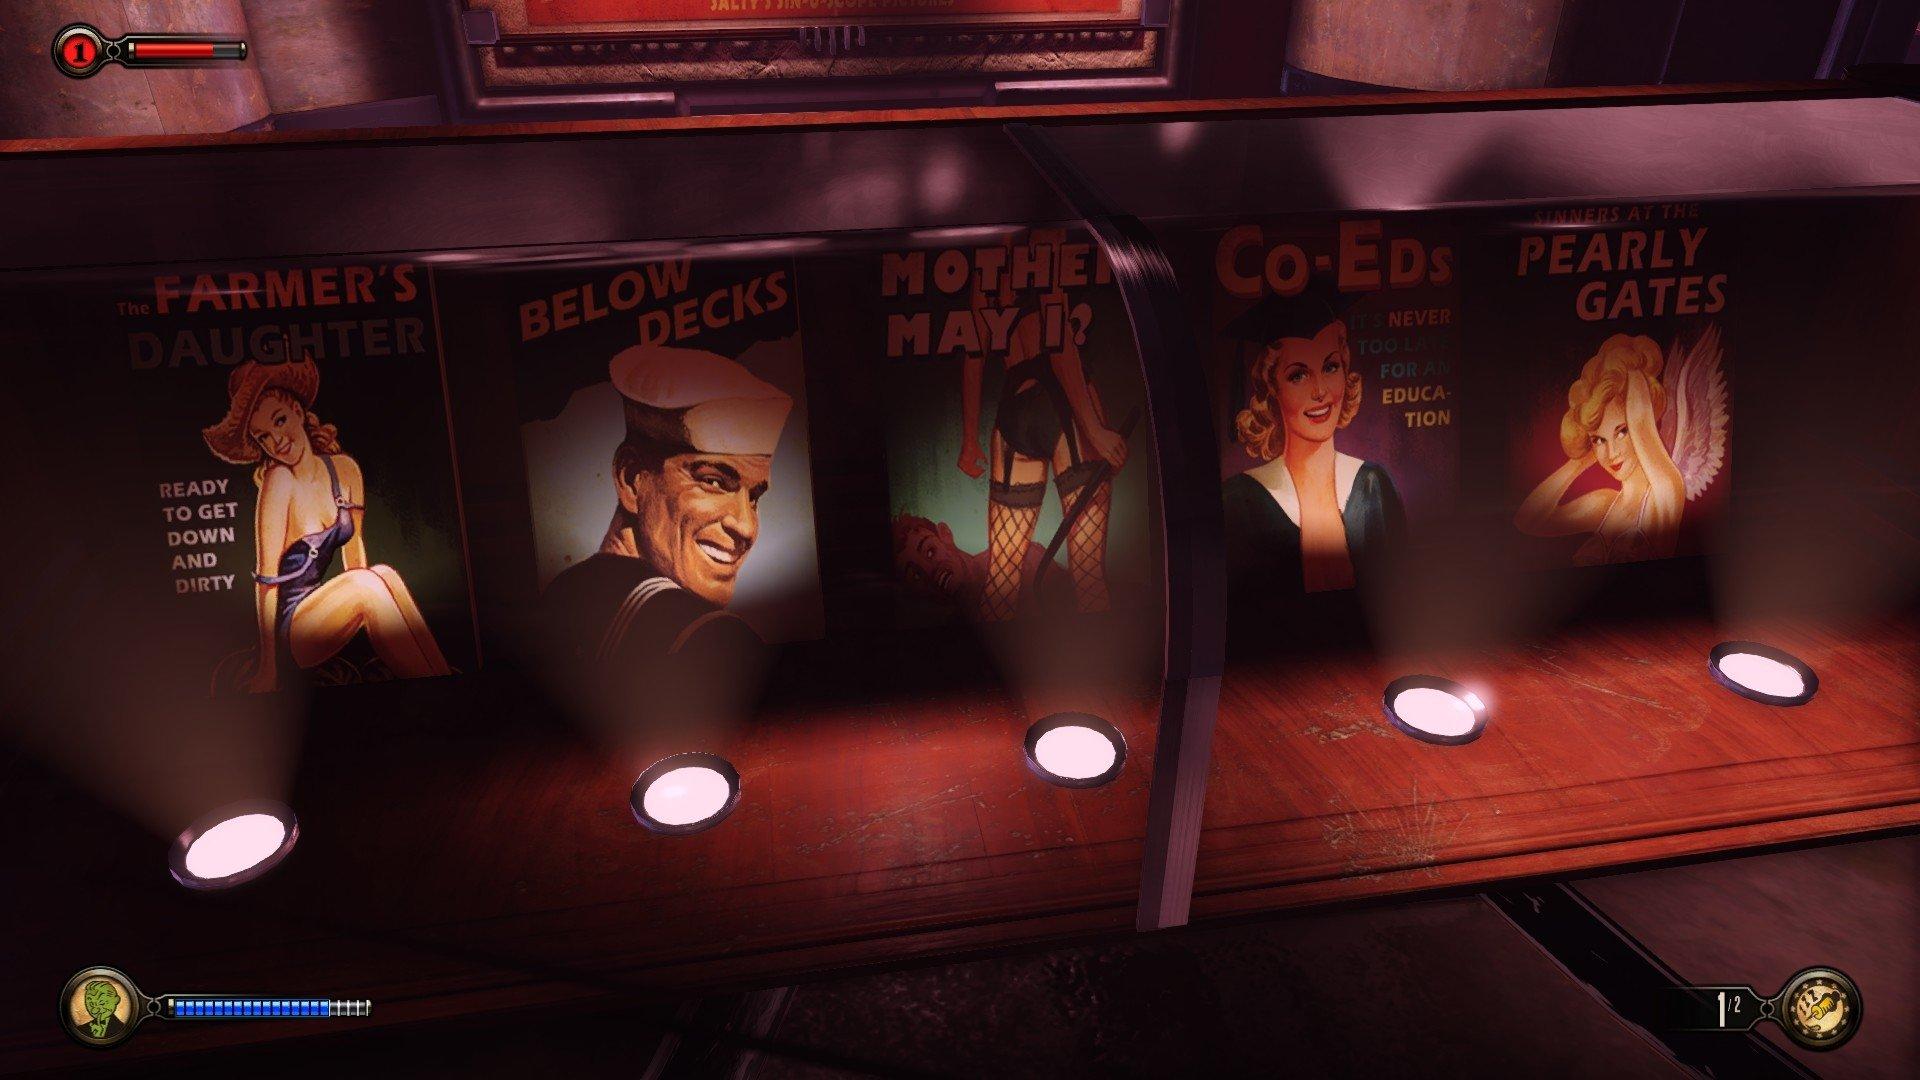 Video Game - BioShock Infinite: Burial at Sea  Bioshock Rapture (Bioshock) Infinite Elizabeth (Bioshock Infinite) Wallpaper